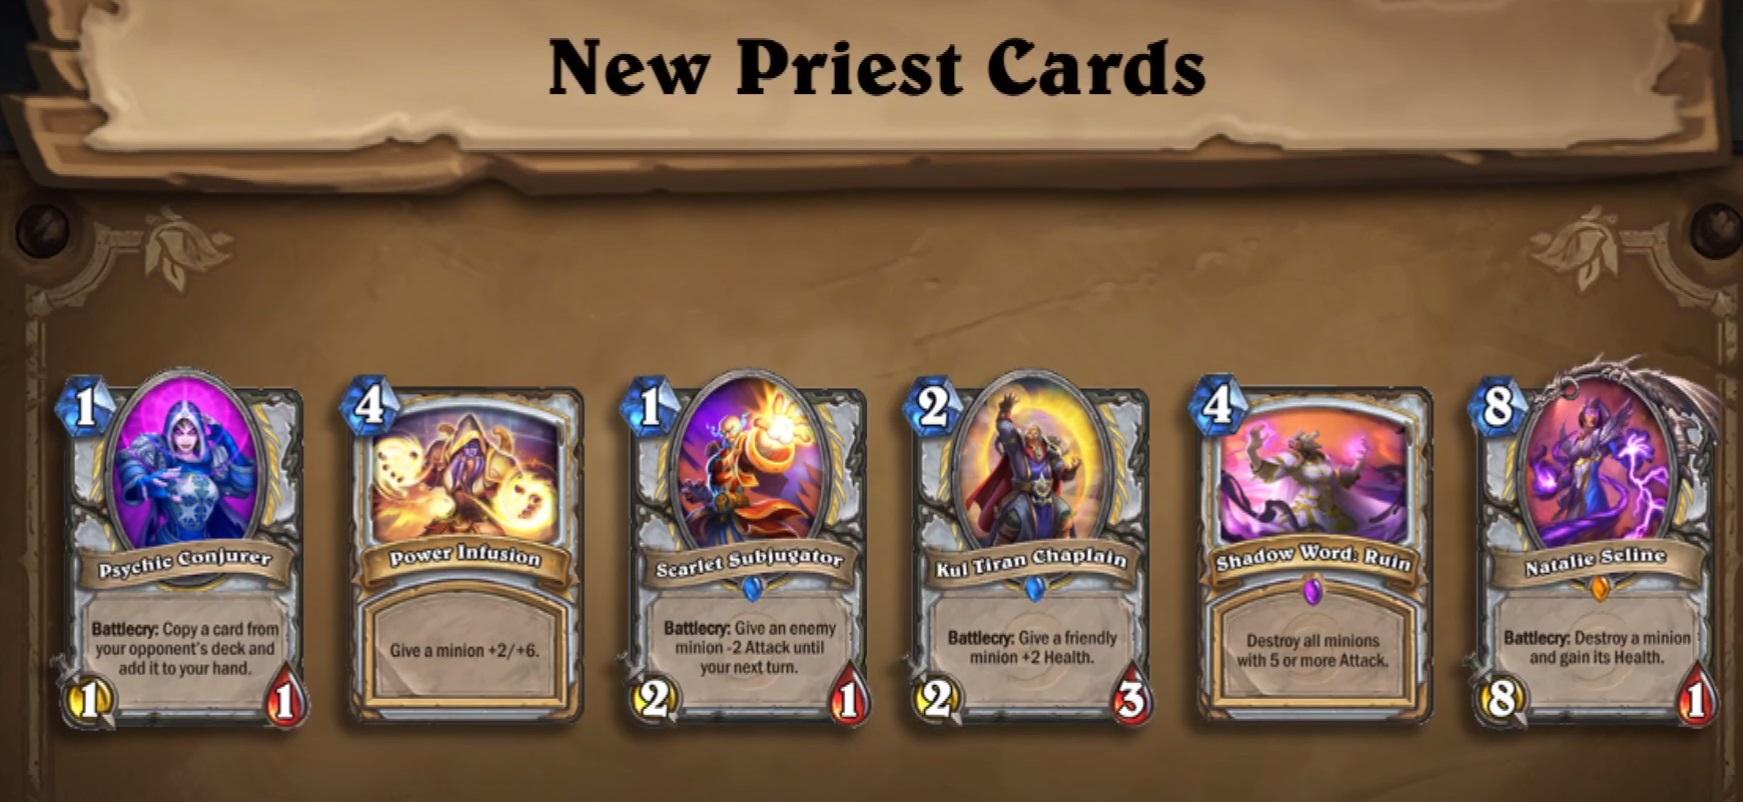 Neue Priester Karten